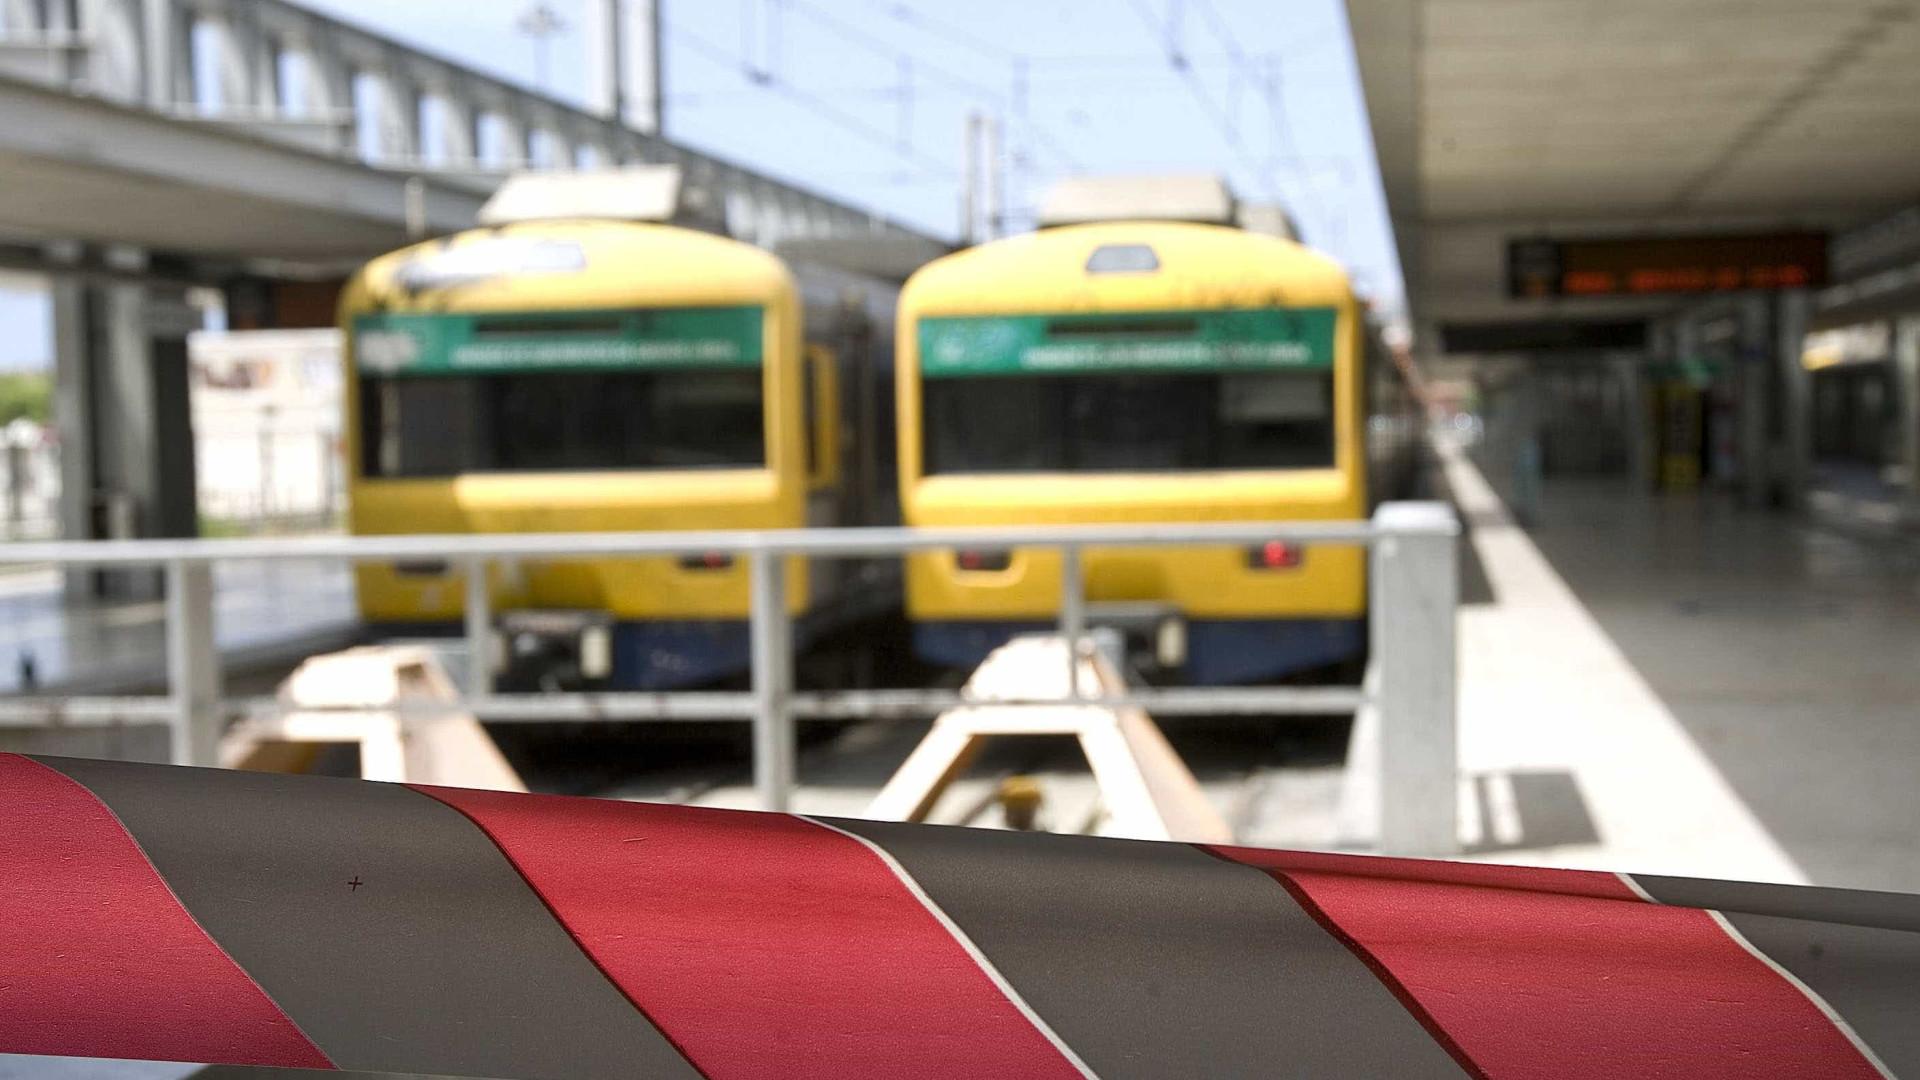 O sucesso do transporte est dependente dos autarcas for A ultima porta jejum coletivo